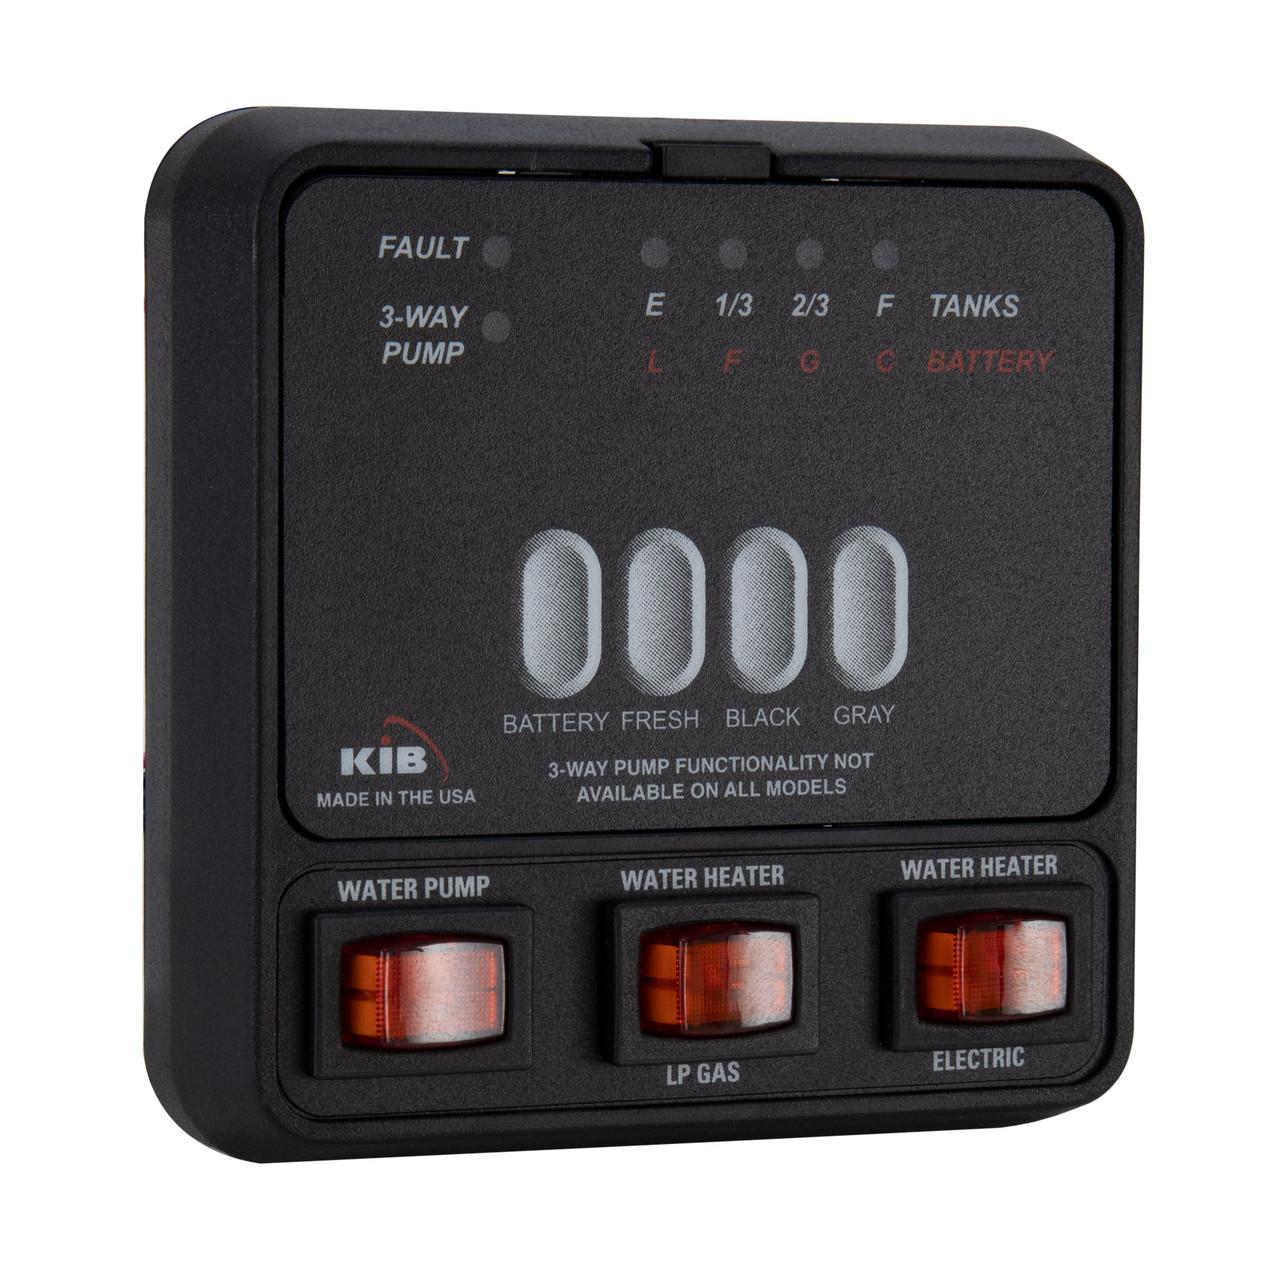 [DIAGRAM_38IU]  RV KIB Tank Sensor Monitor Panel M23 with Wiring Harness Kit - RecPro | Jrv Monitor Panel Wiring Diagram |  | RecPro